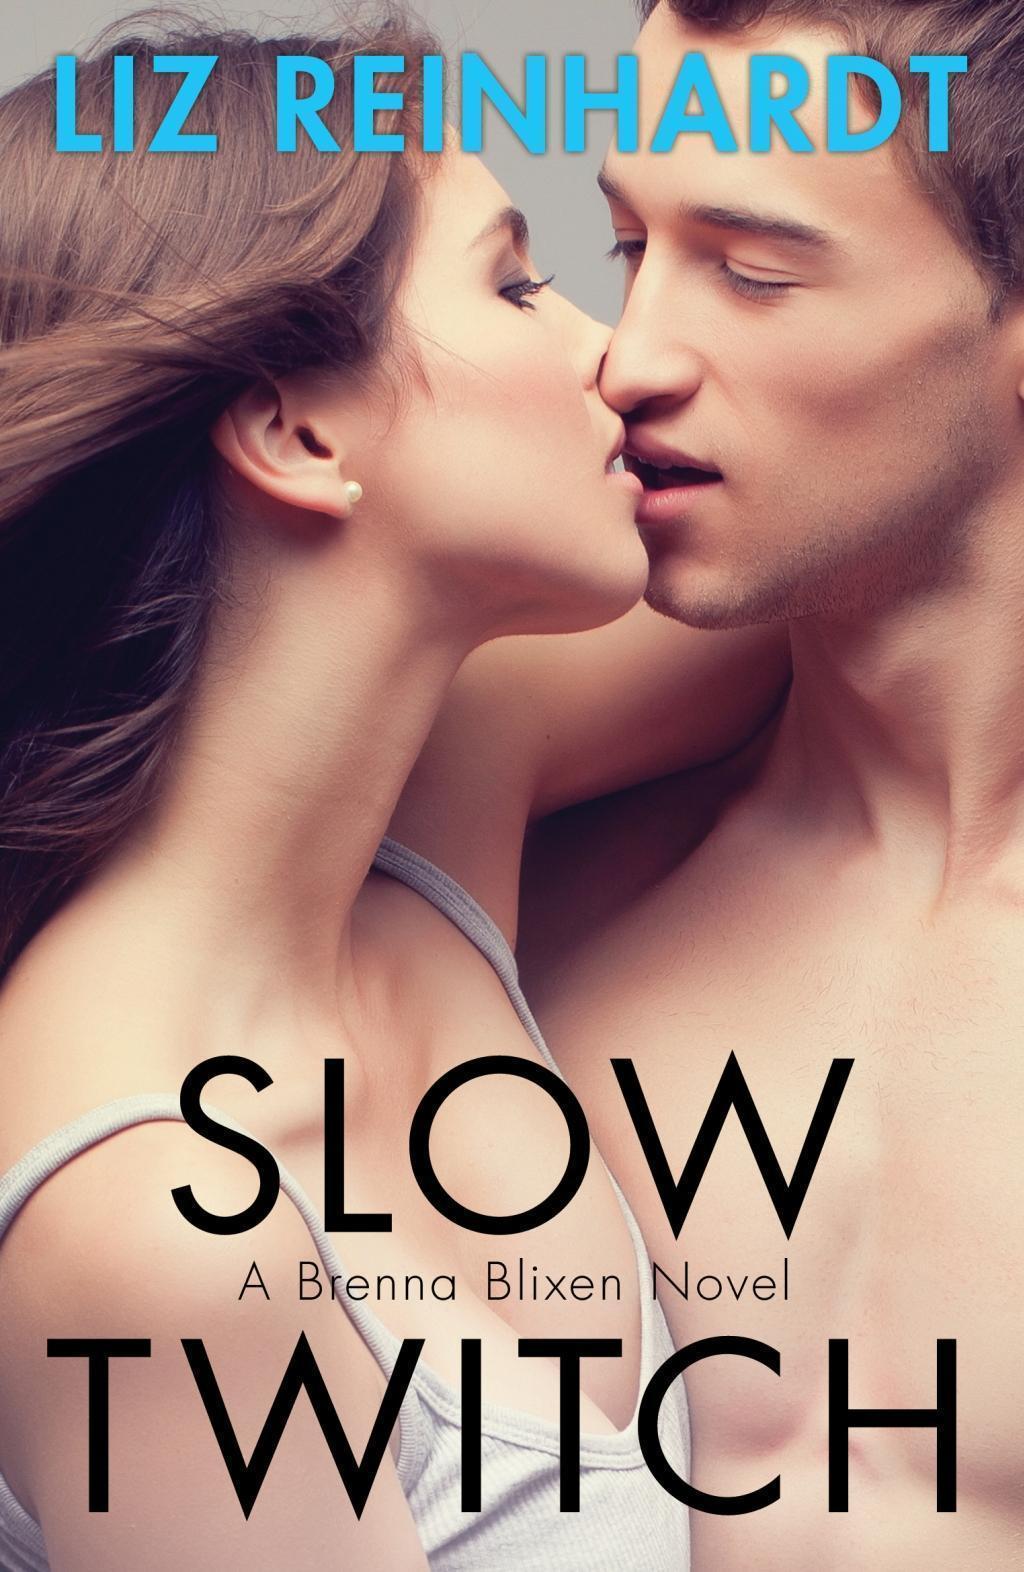 Slow Twitch (A Brenna Blixen Novel)